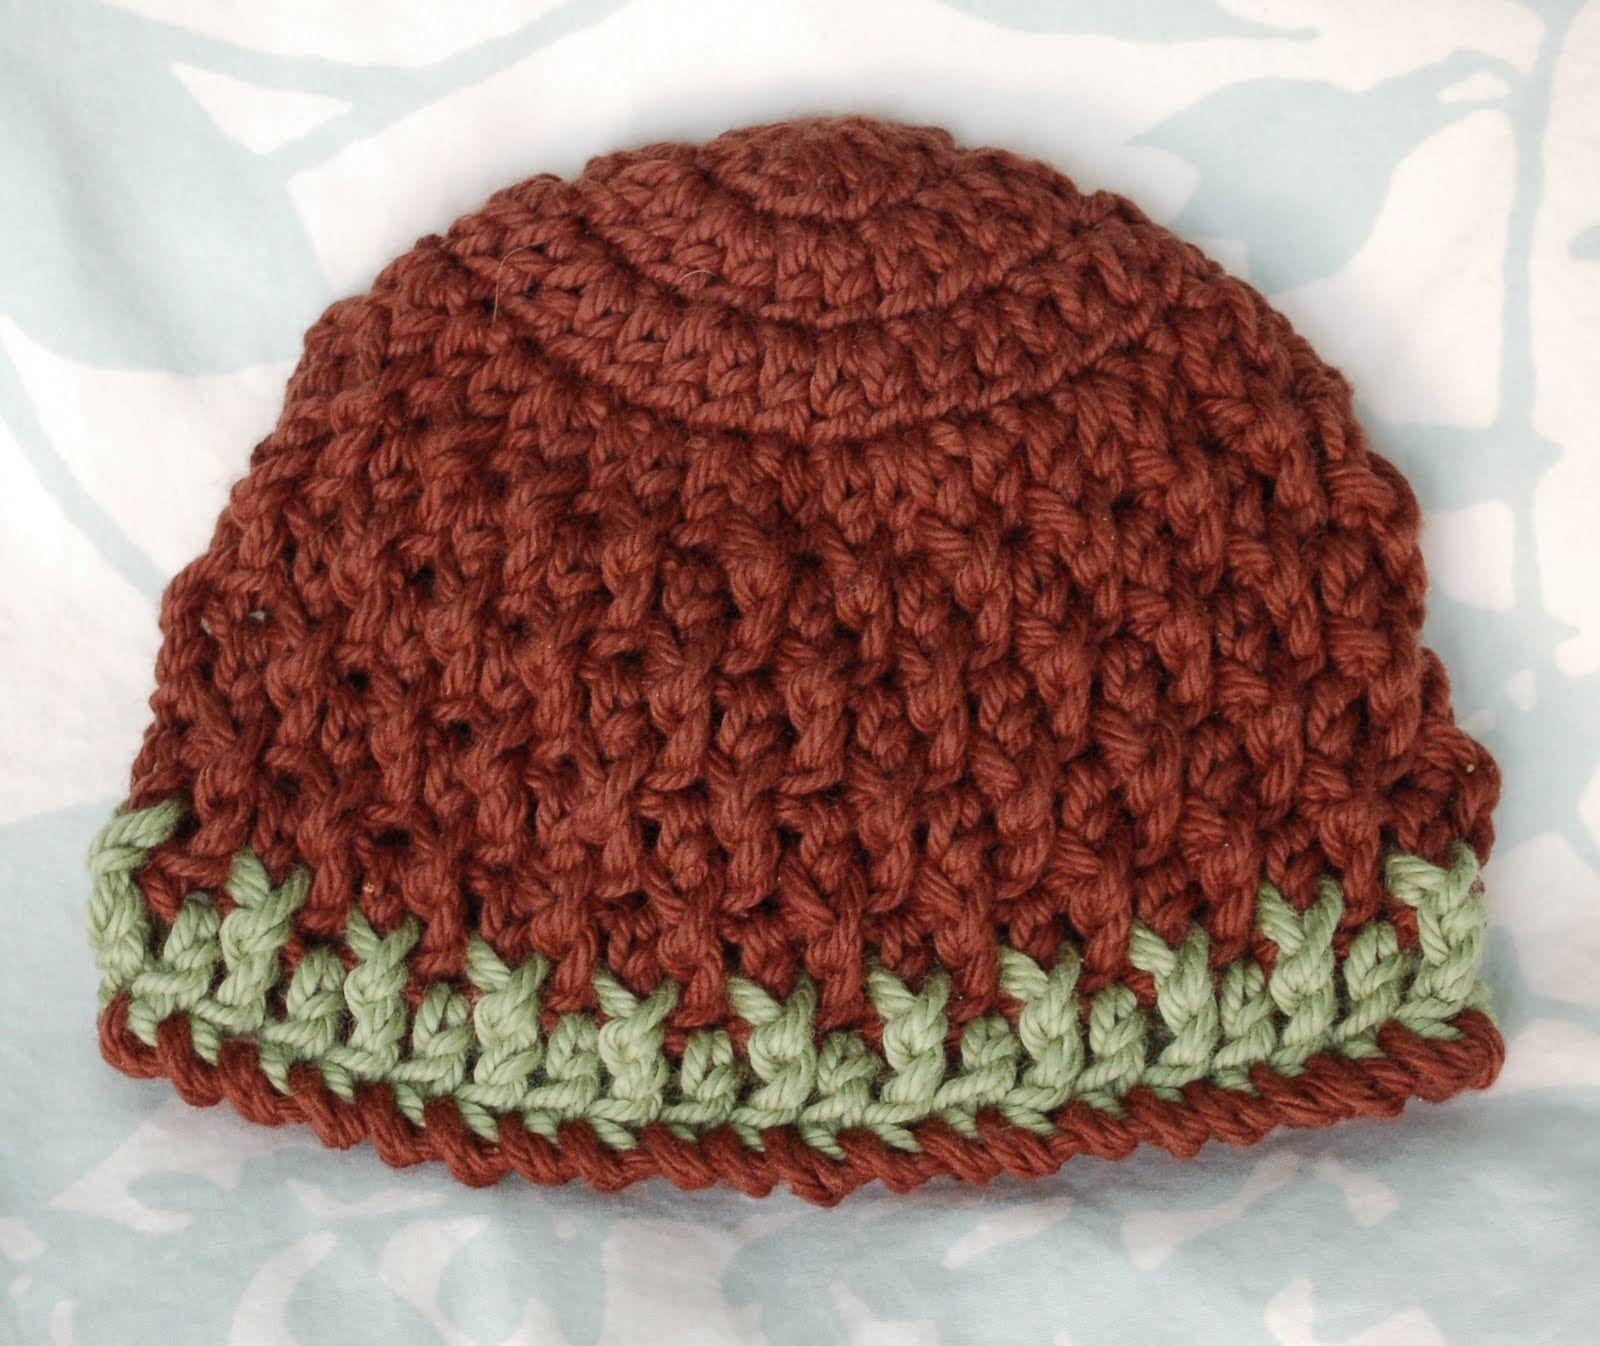 Alli Crafts: Free Pattern: Deeply Textured Hat - Newborn | Baby ...